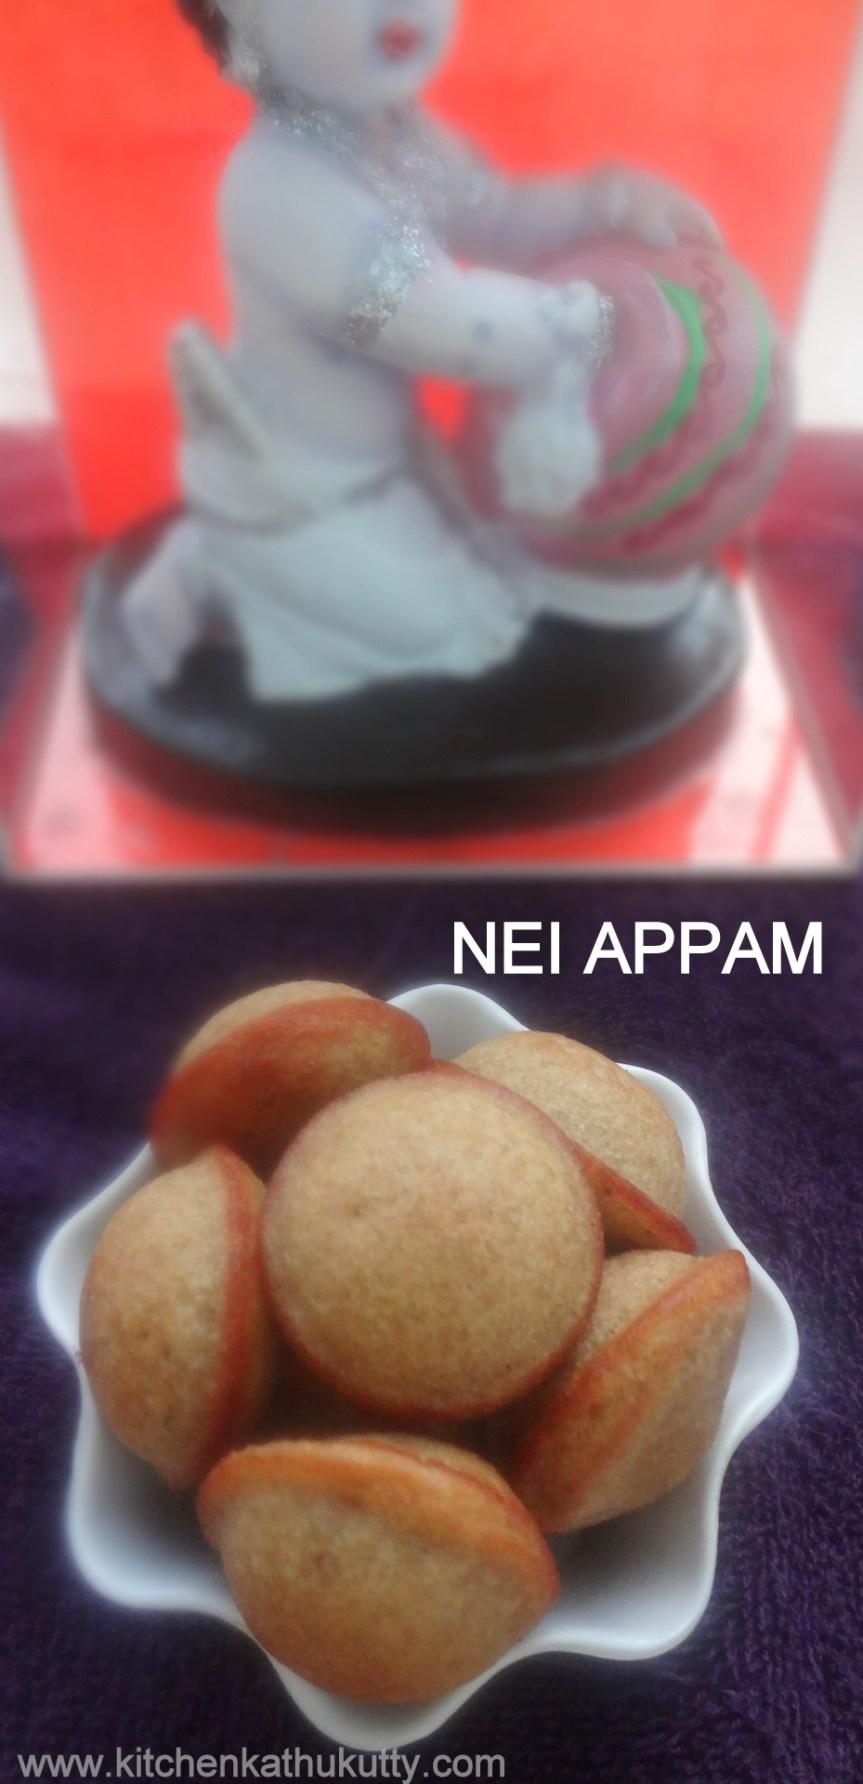 nei appam recipe